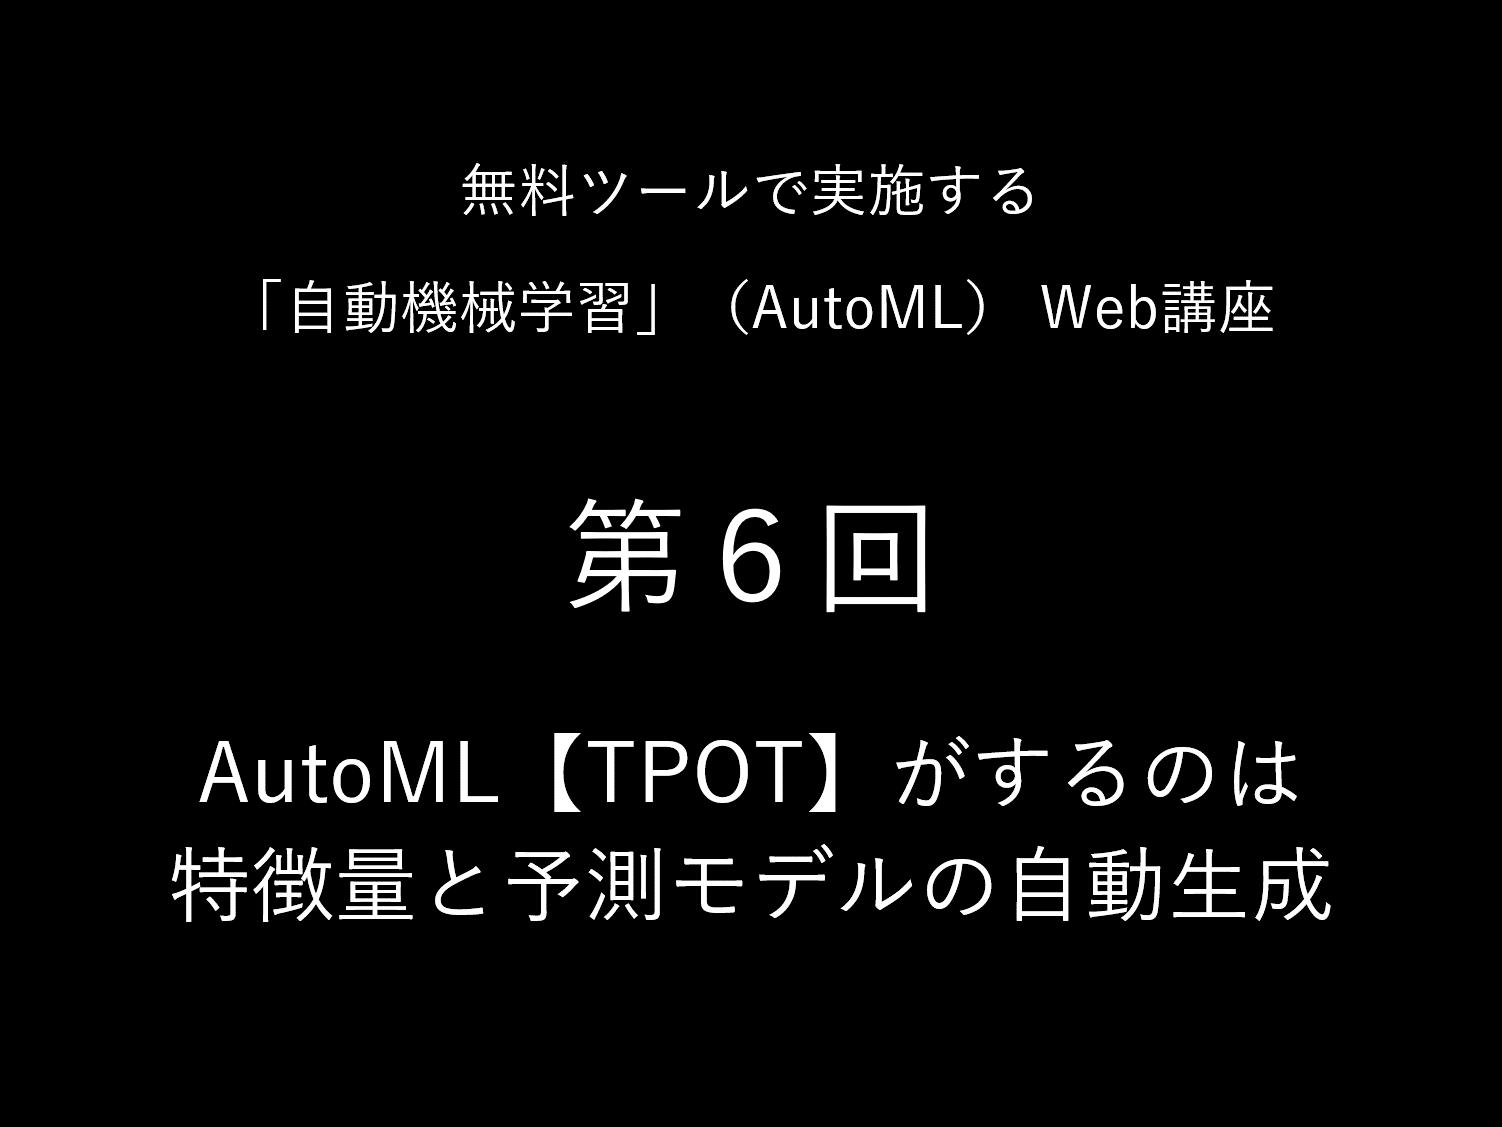 AutoML【TPOT】がするのは特徴量と予測モデルの自動生成